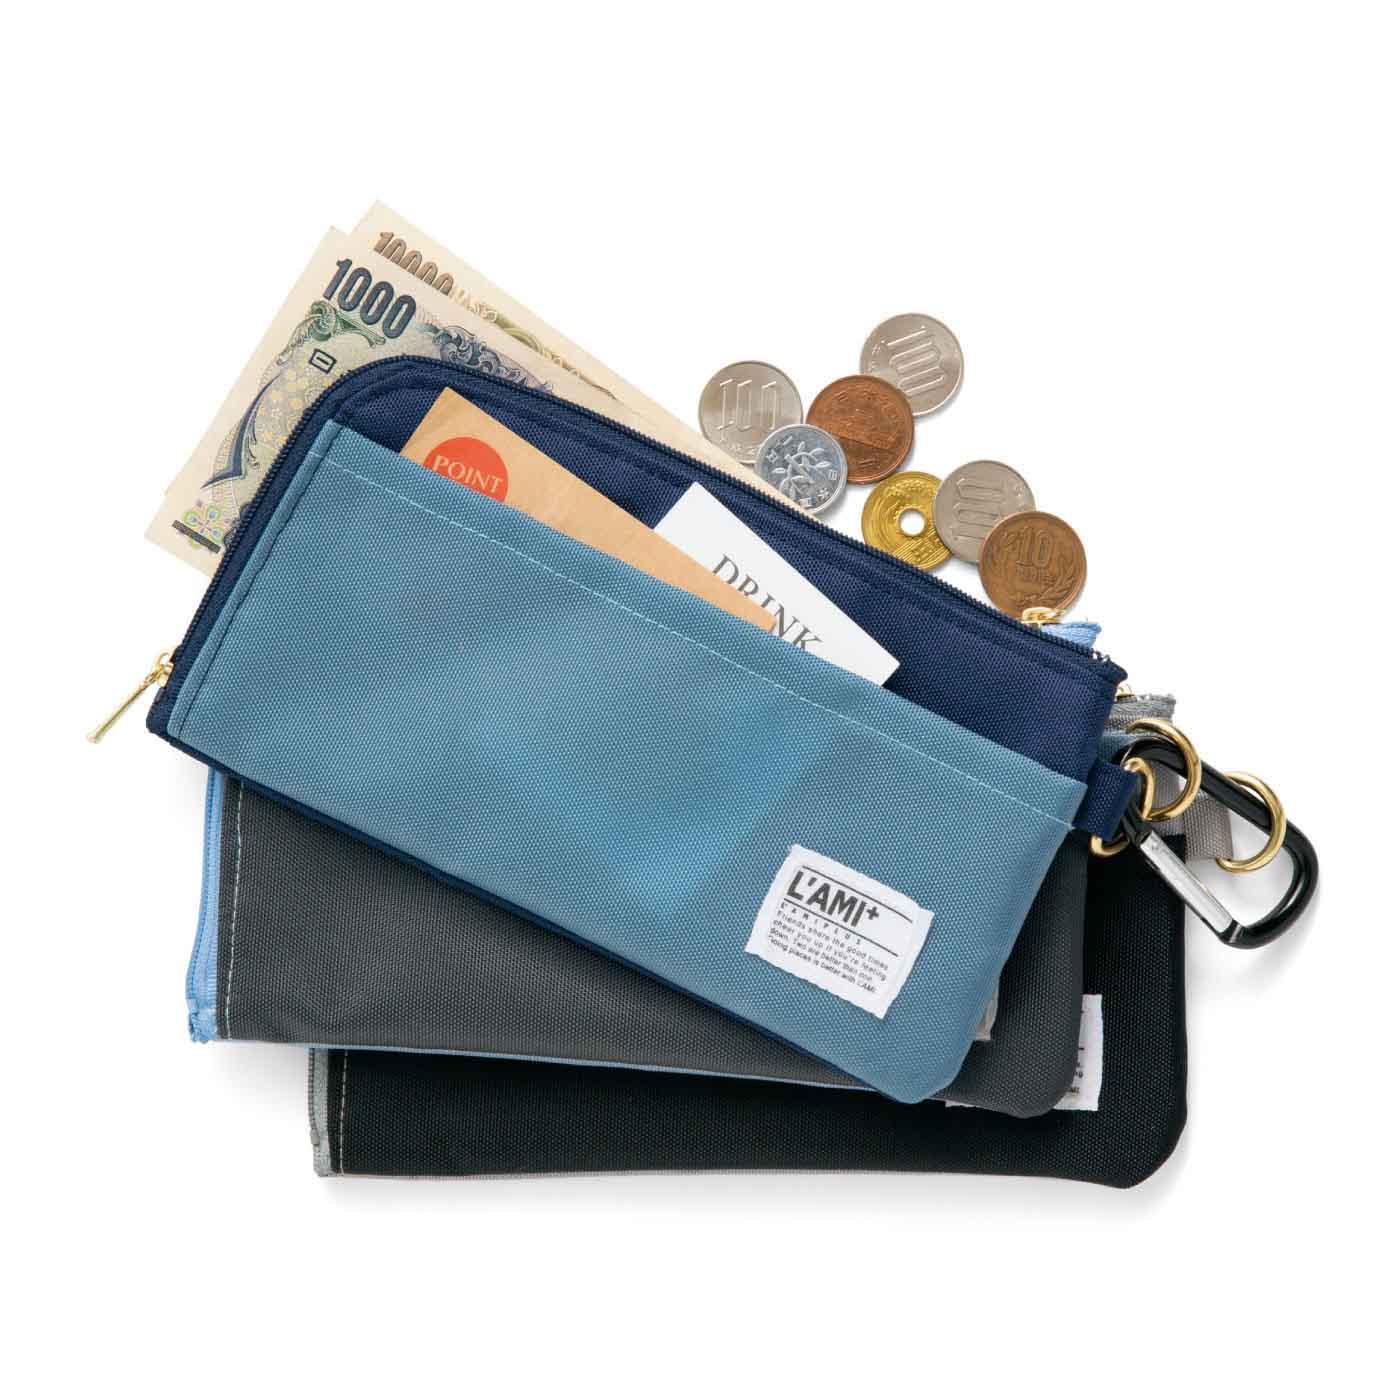 外ポケット付き。サッと取り出したいクーポンやお買い物メモなどの収納に便利。